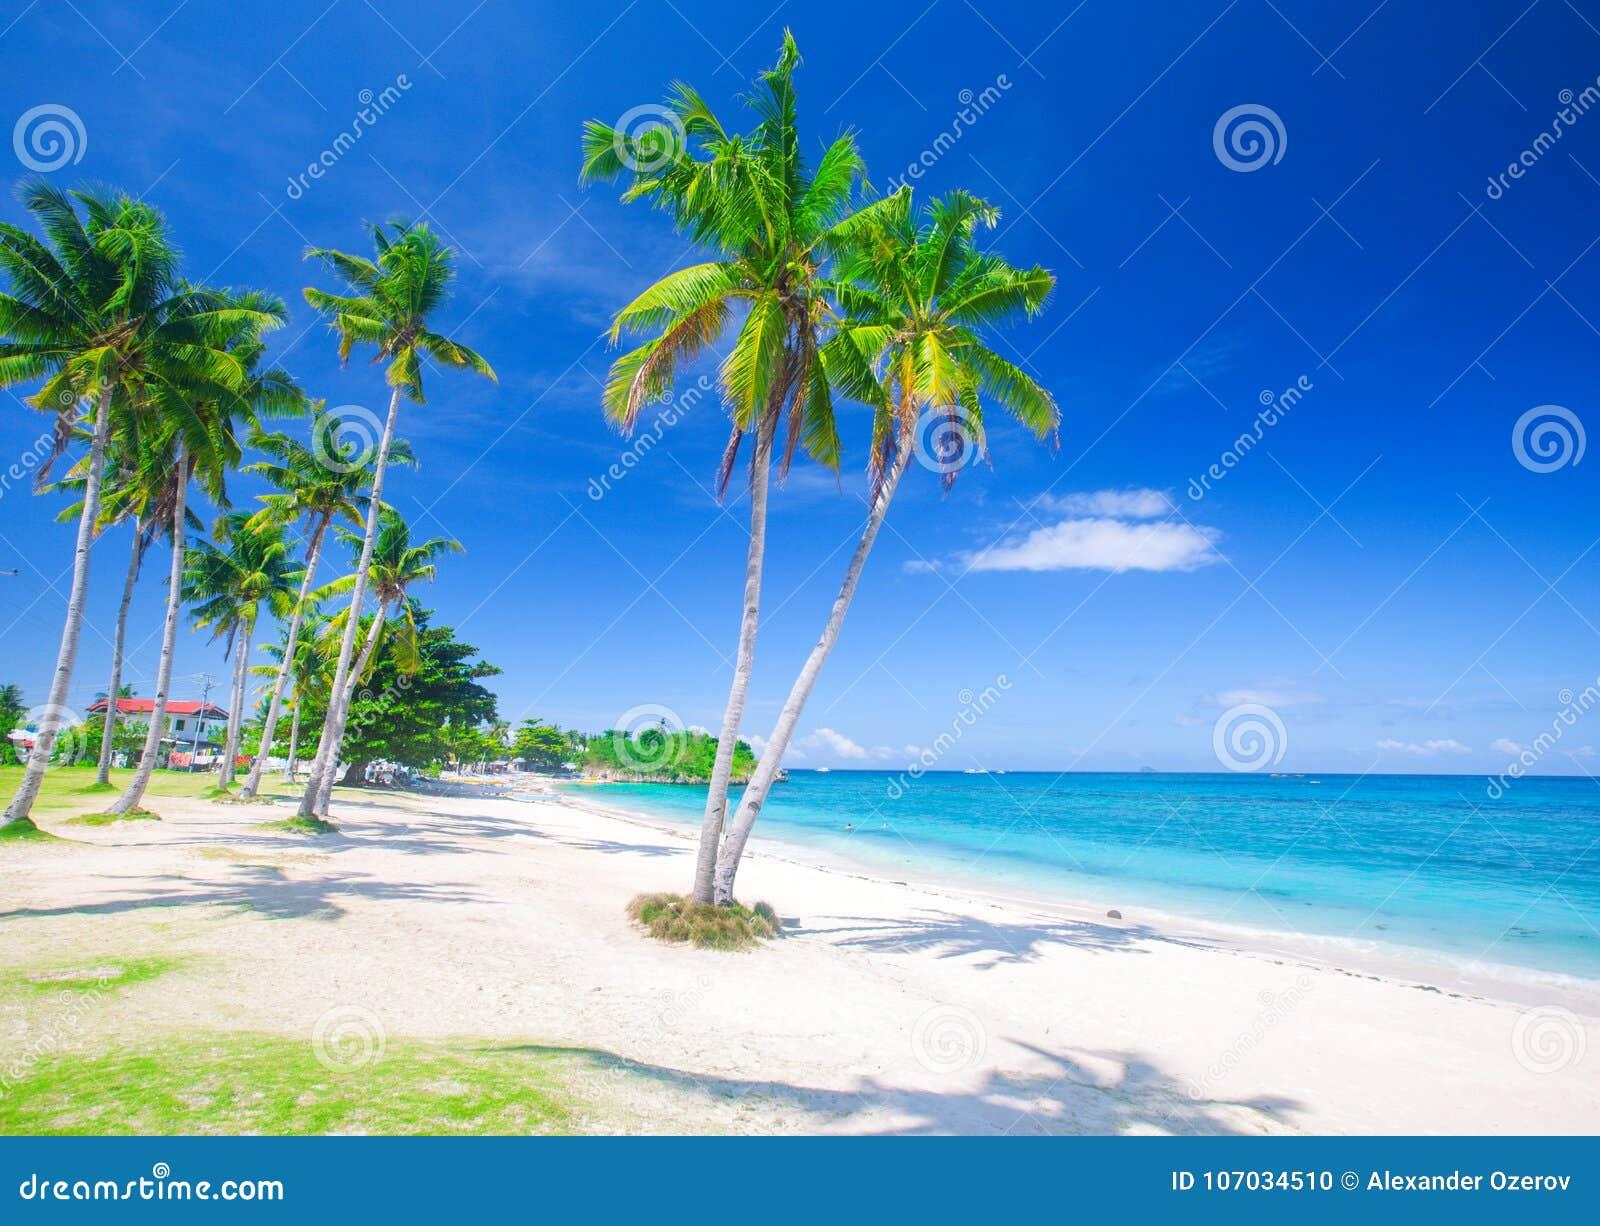 Tropischer Strand mit Kokosnusspalme